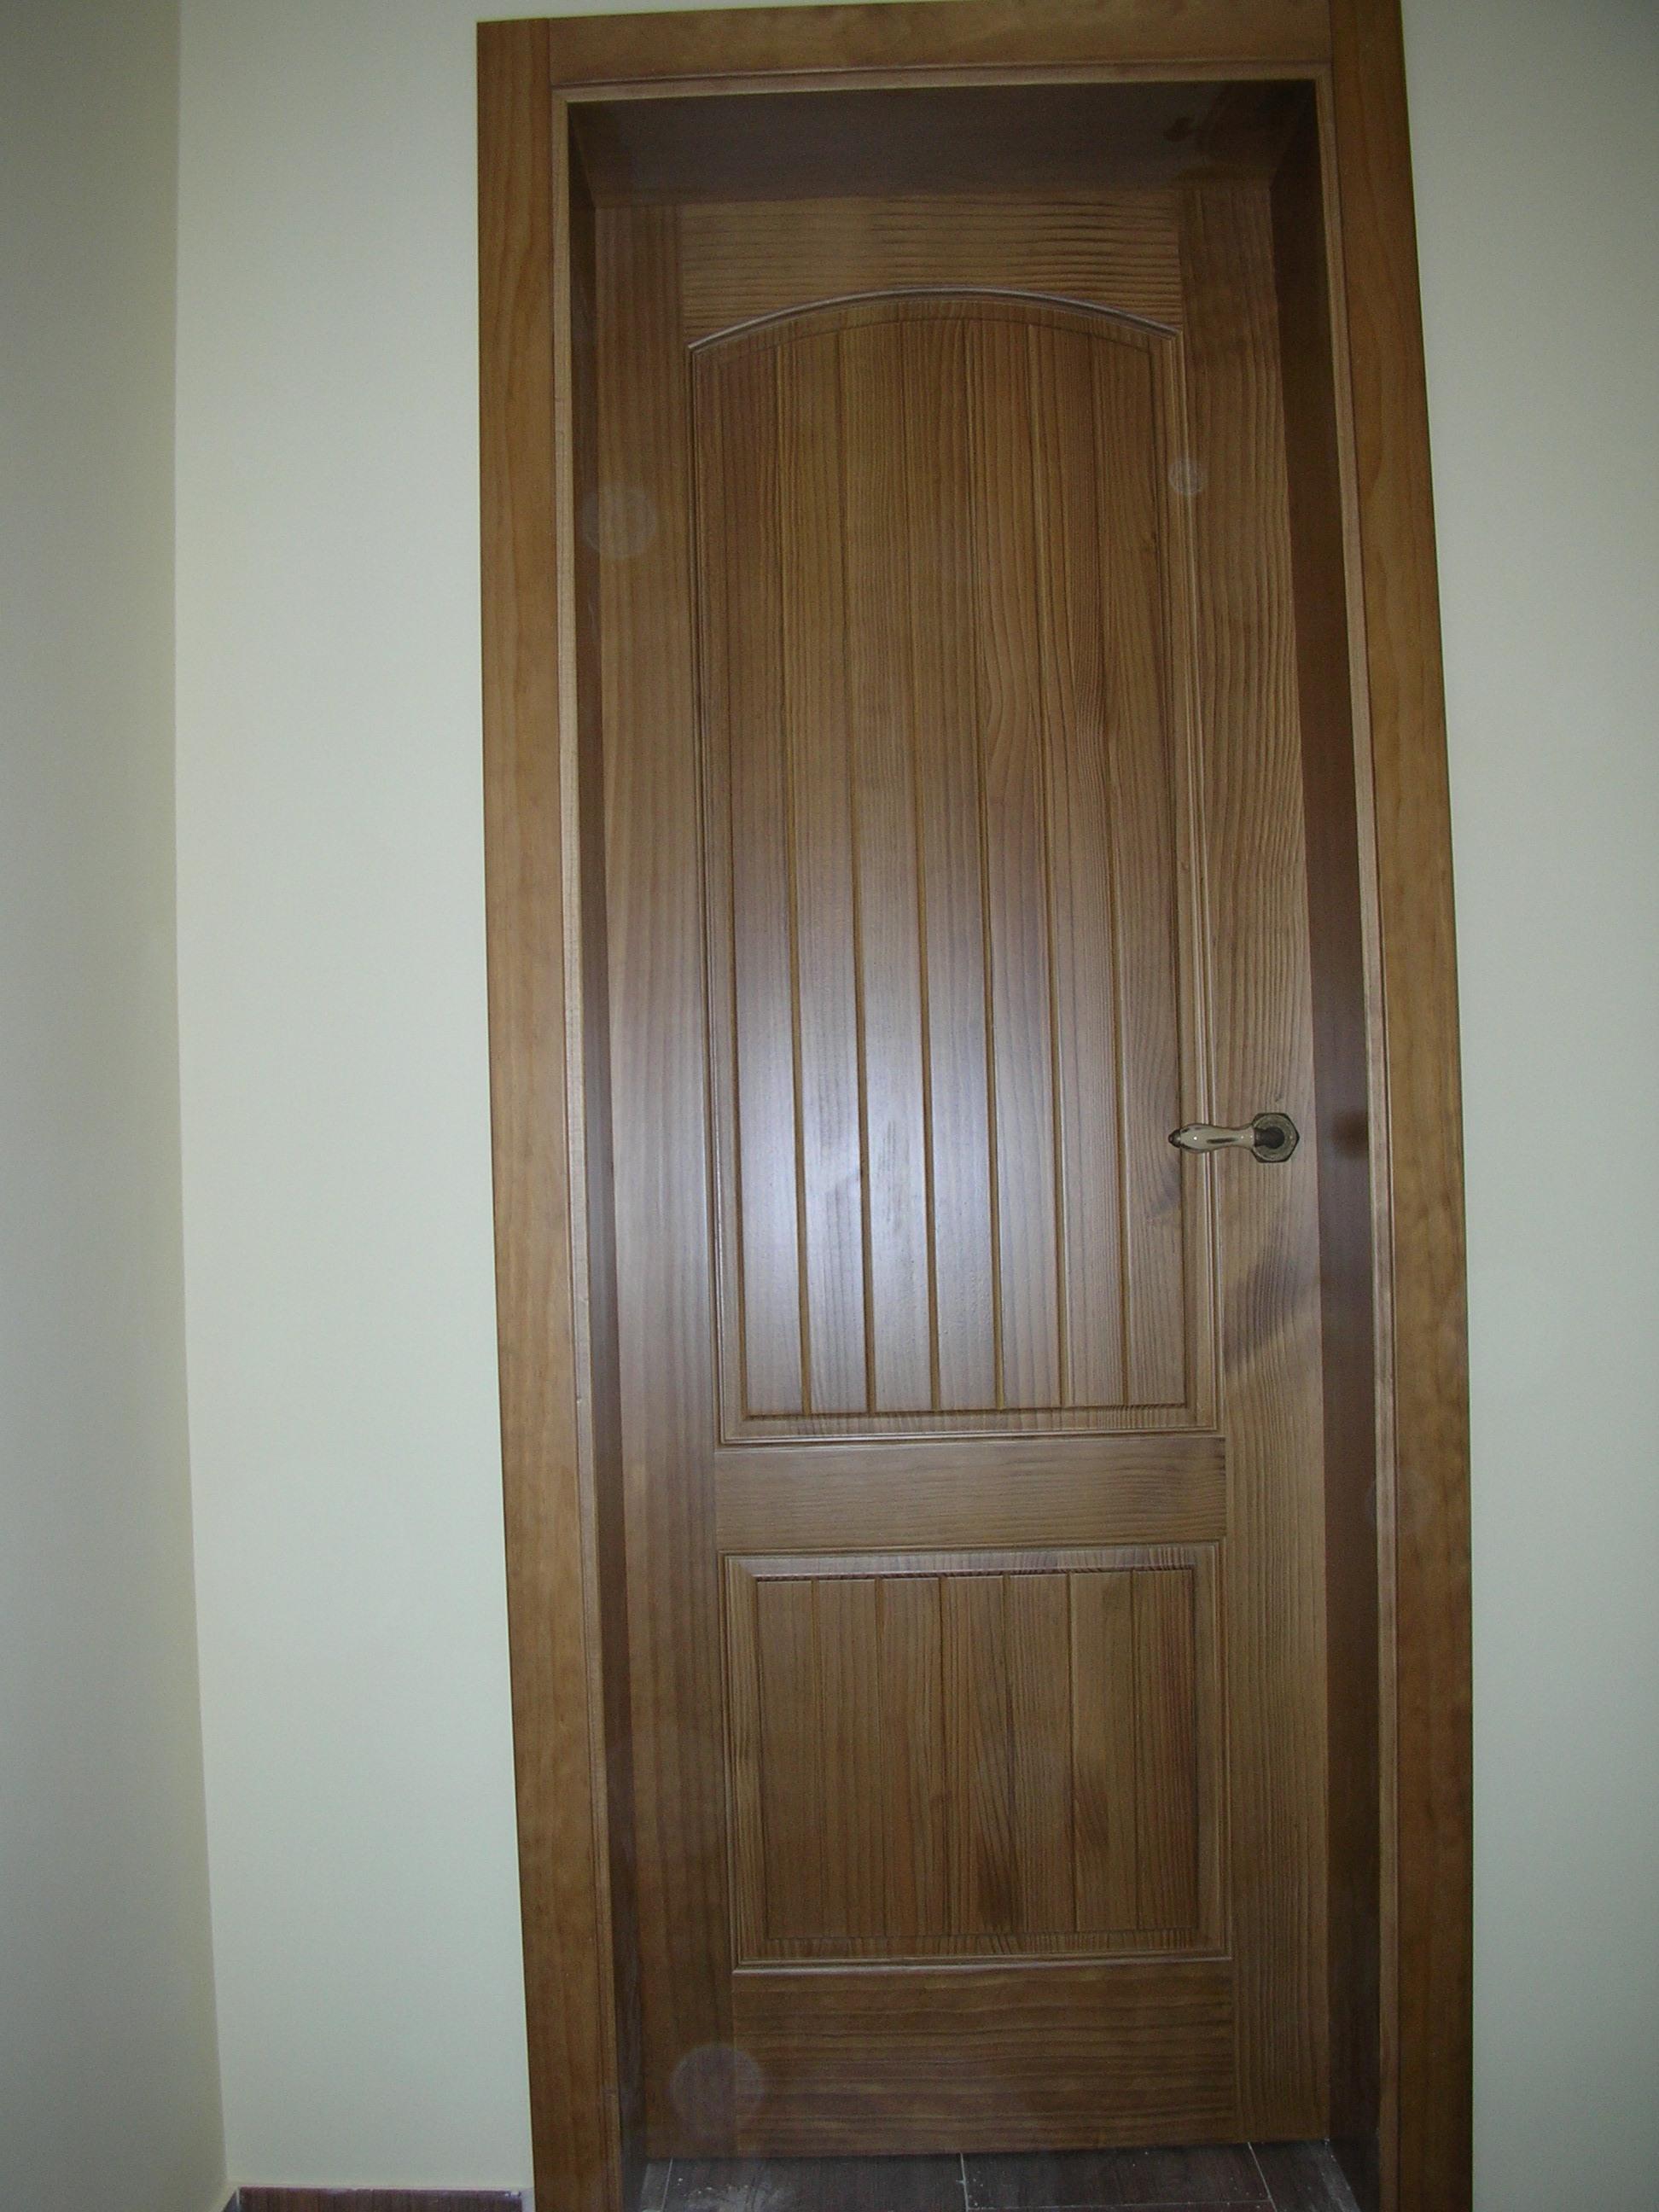 Puerta interior r stica modelo cuenca - Puertas rusticas interior ...